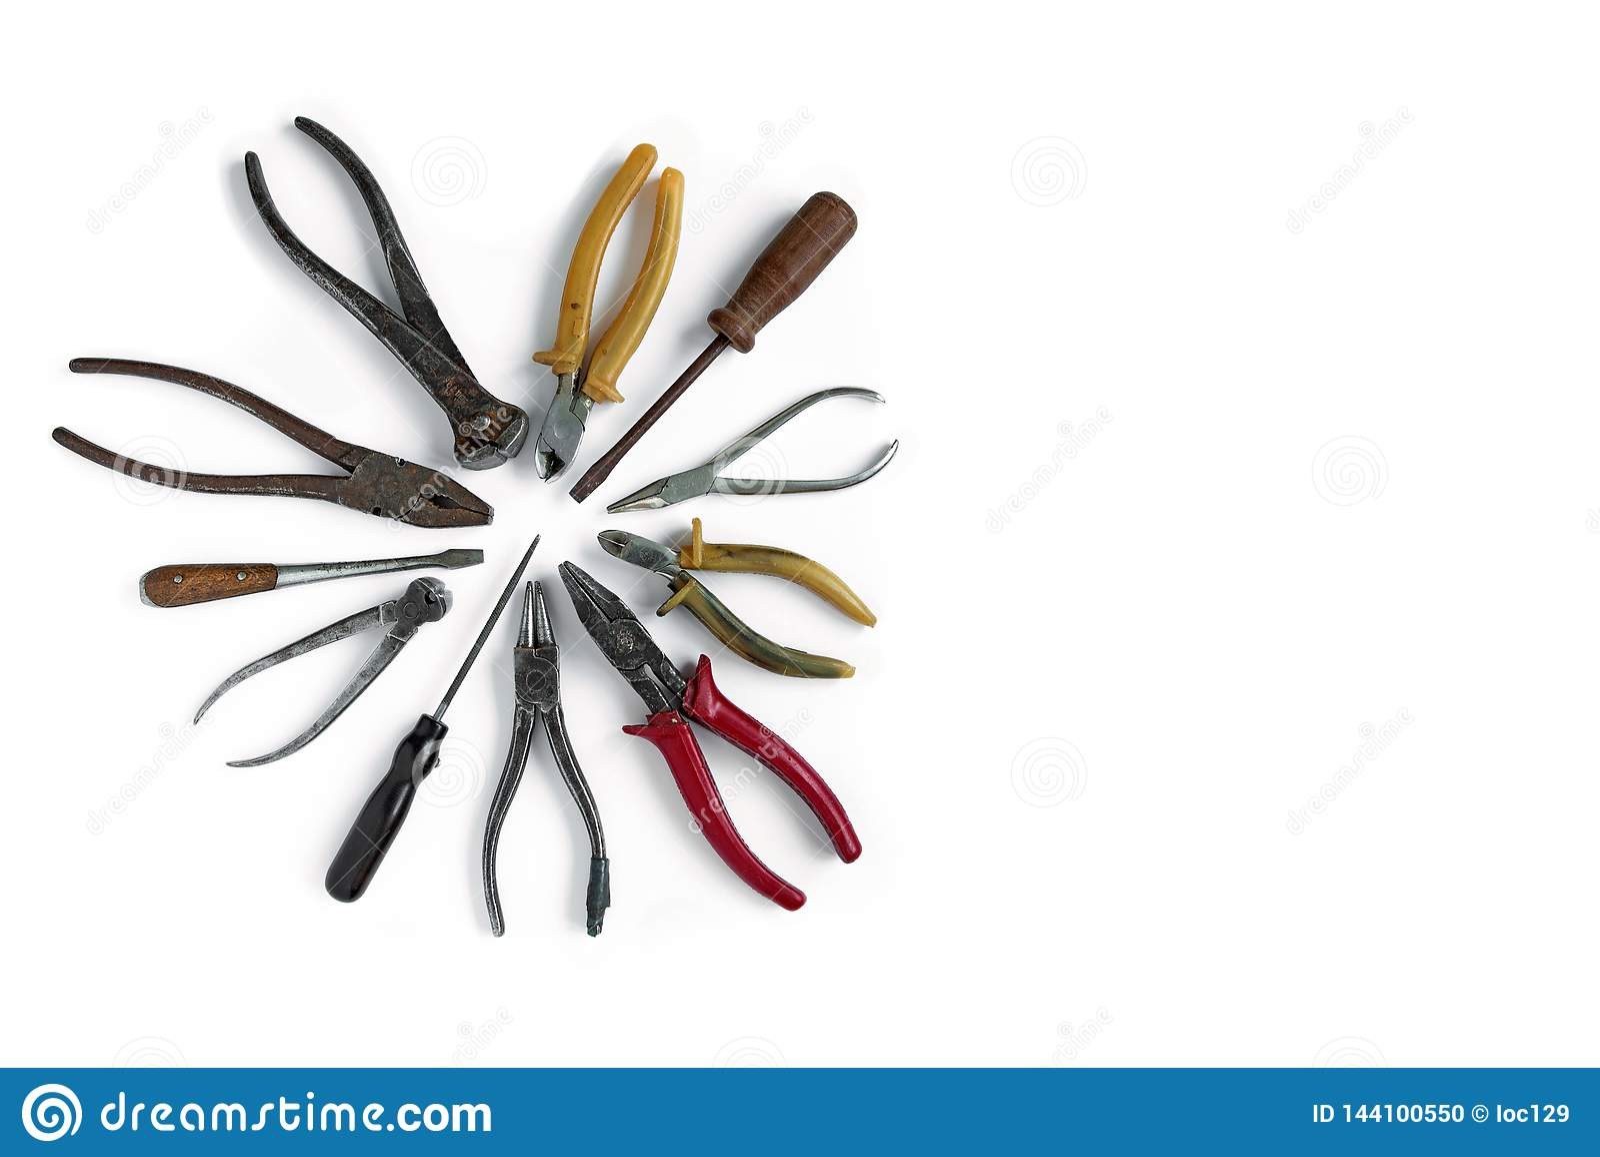 Τα παλαιά εργαλεία βρίσκονται σε ένα απομονωμένο λευκό υπόβαθρο Σμίλες, κόπτες καλωδίων, κατσαβίδι, πένσες και άλλα εργαλεία